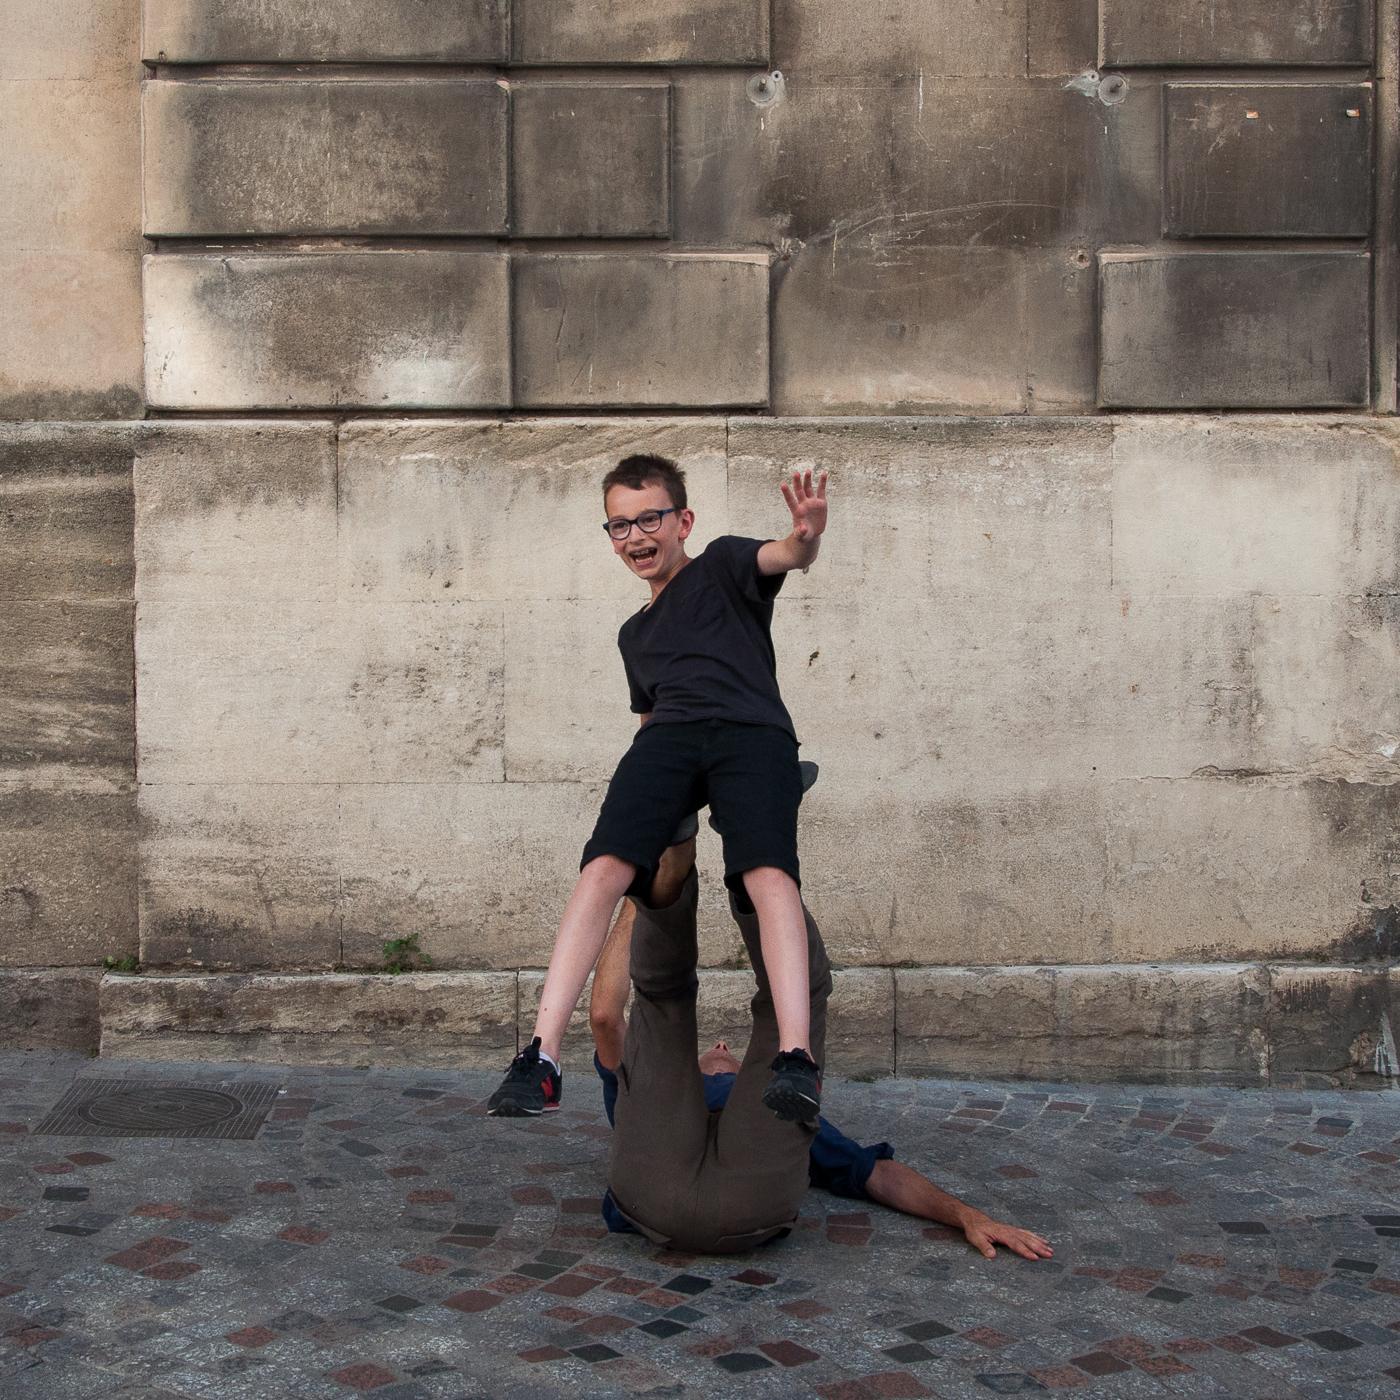 Arles_2015_-_Décollage_à_un_bras